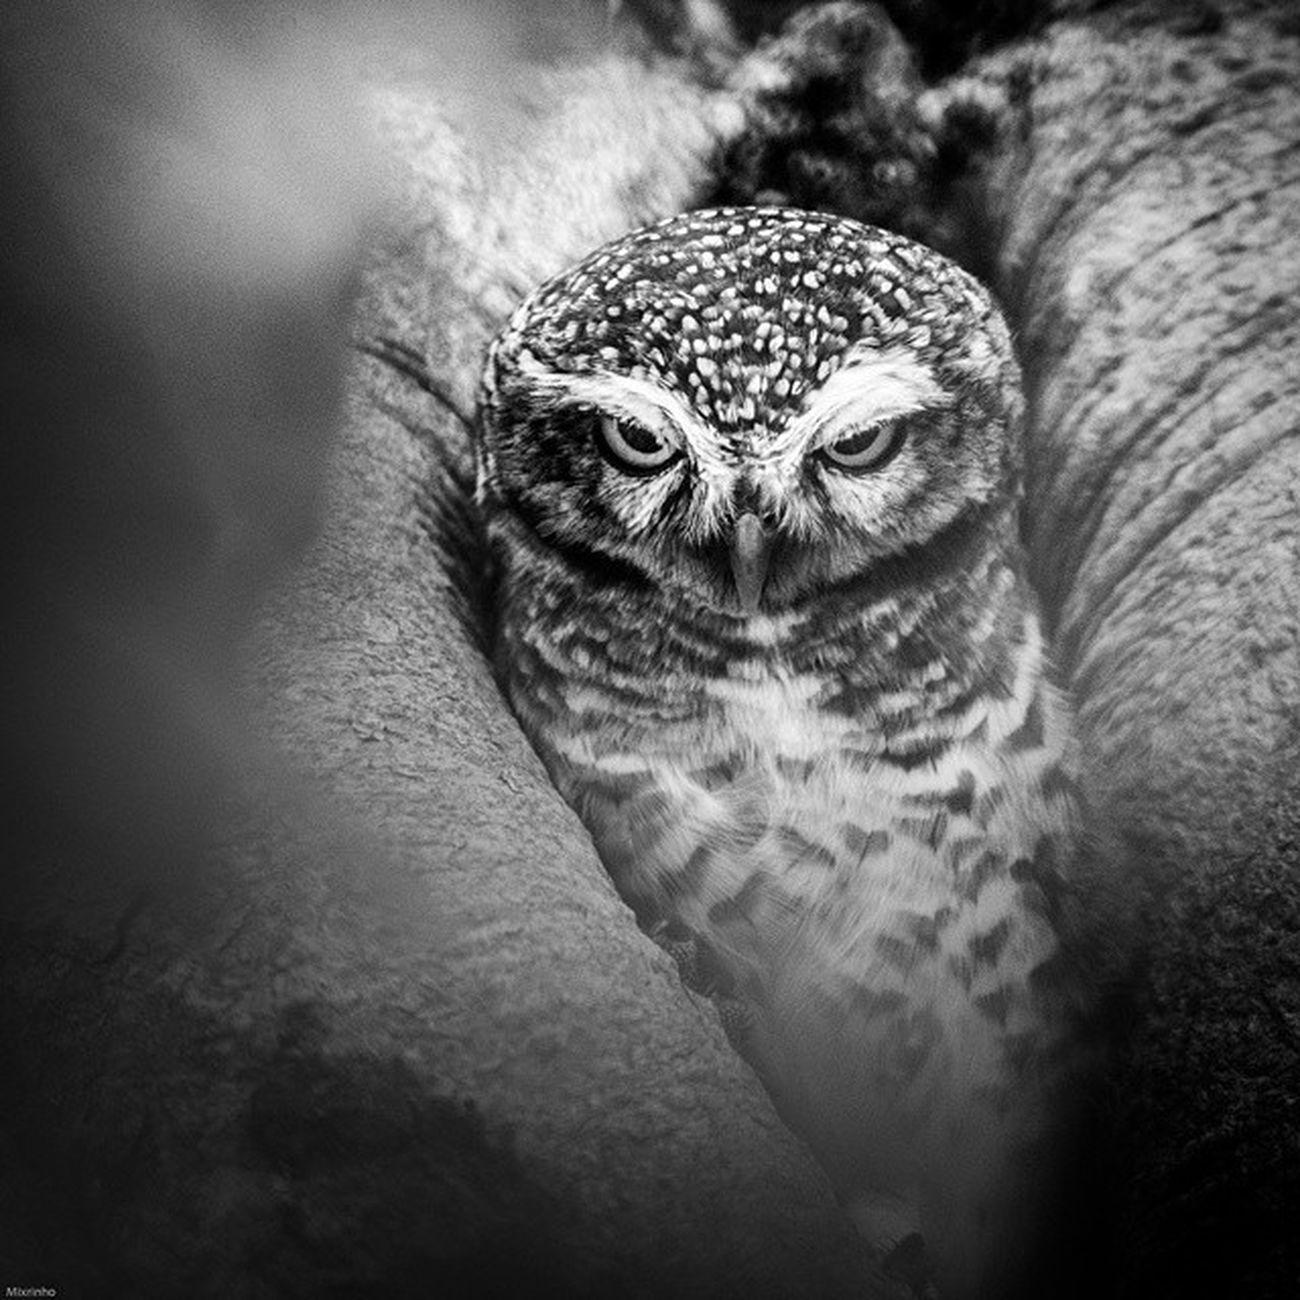 0v0 Vscocam Owl Bird Thailand Rest Amzthld Igersth Wildlifephotography Wild Wildlife Nikonnofilter Nikon 500mm Photooftheday Instagood Cute World_bestshot Wow_animal Wildlifeplanet Wildlife_perfection